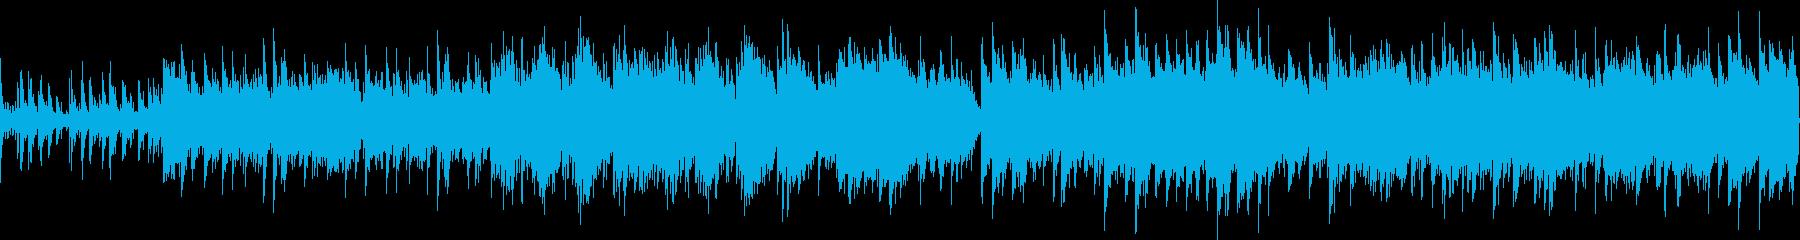 ピアノ旋律が印象的なバラード(ループ)の再生済みの波形